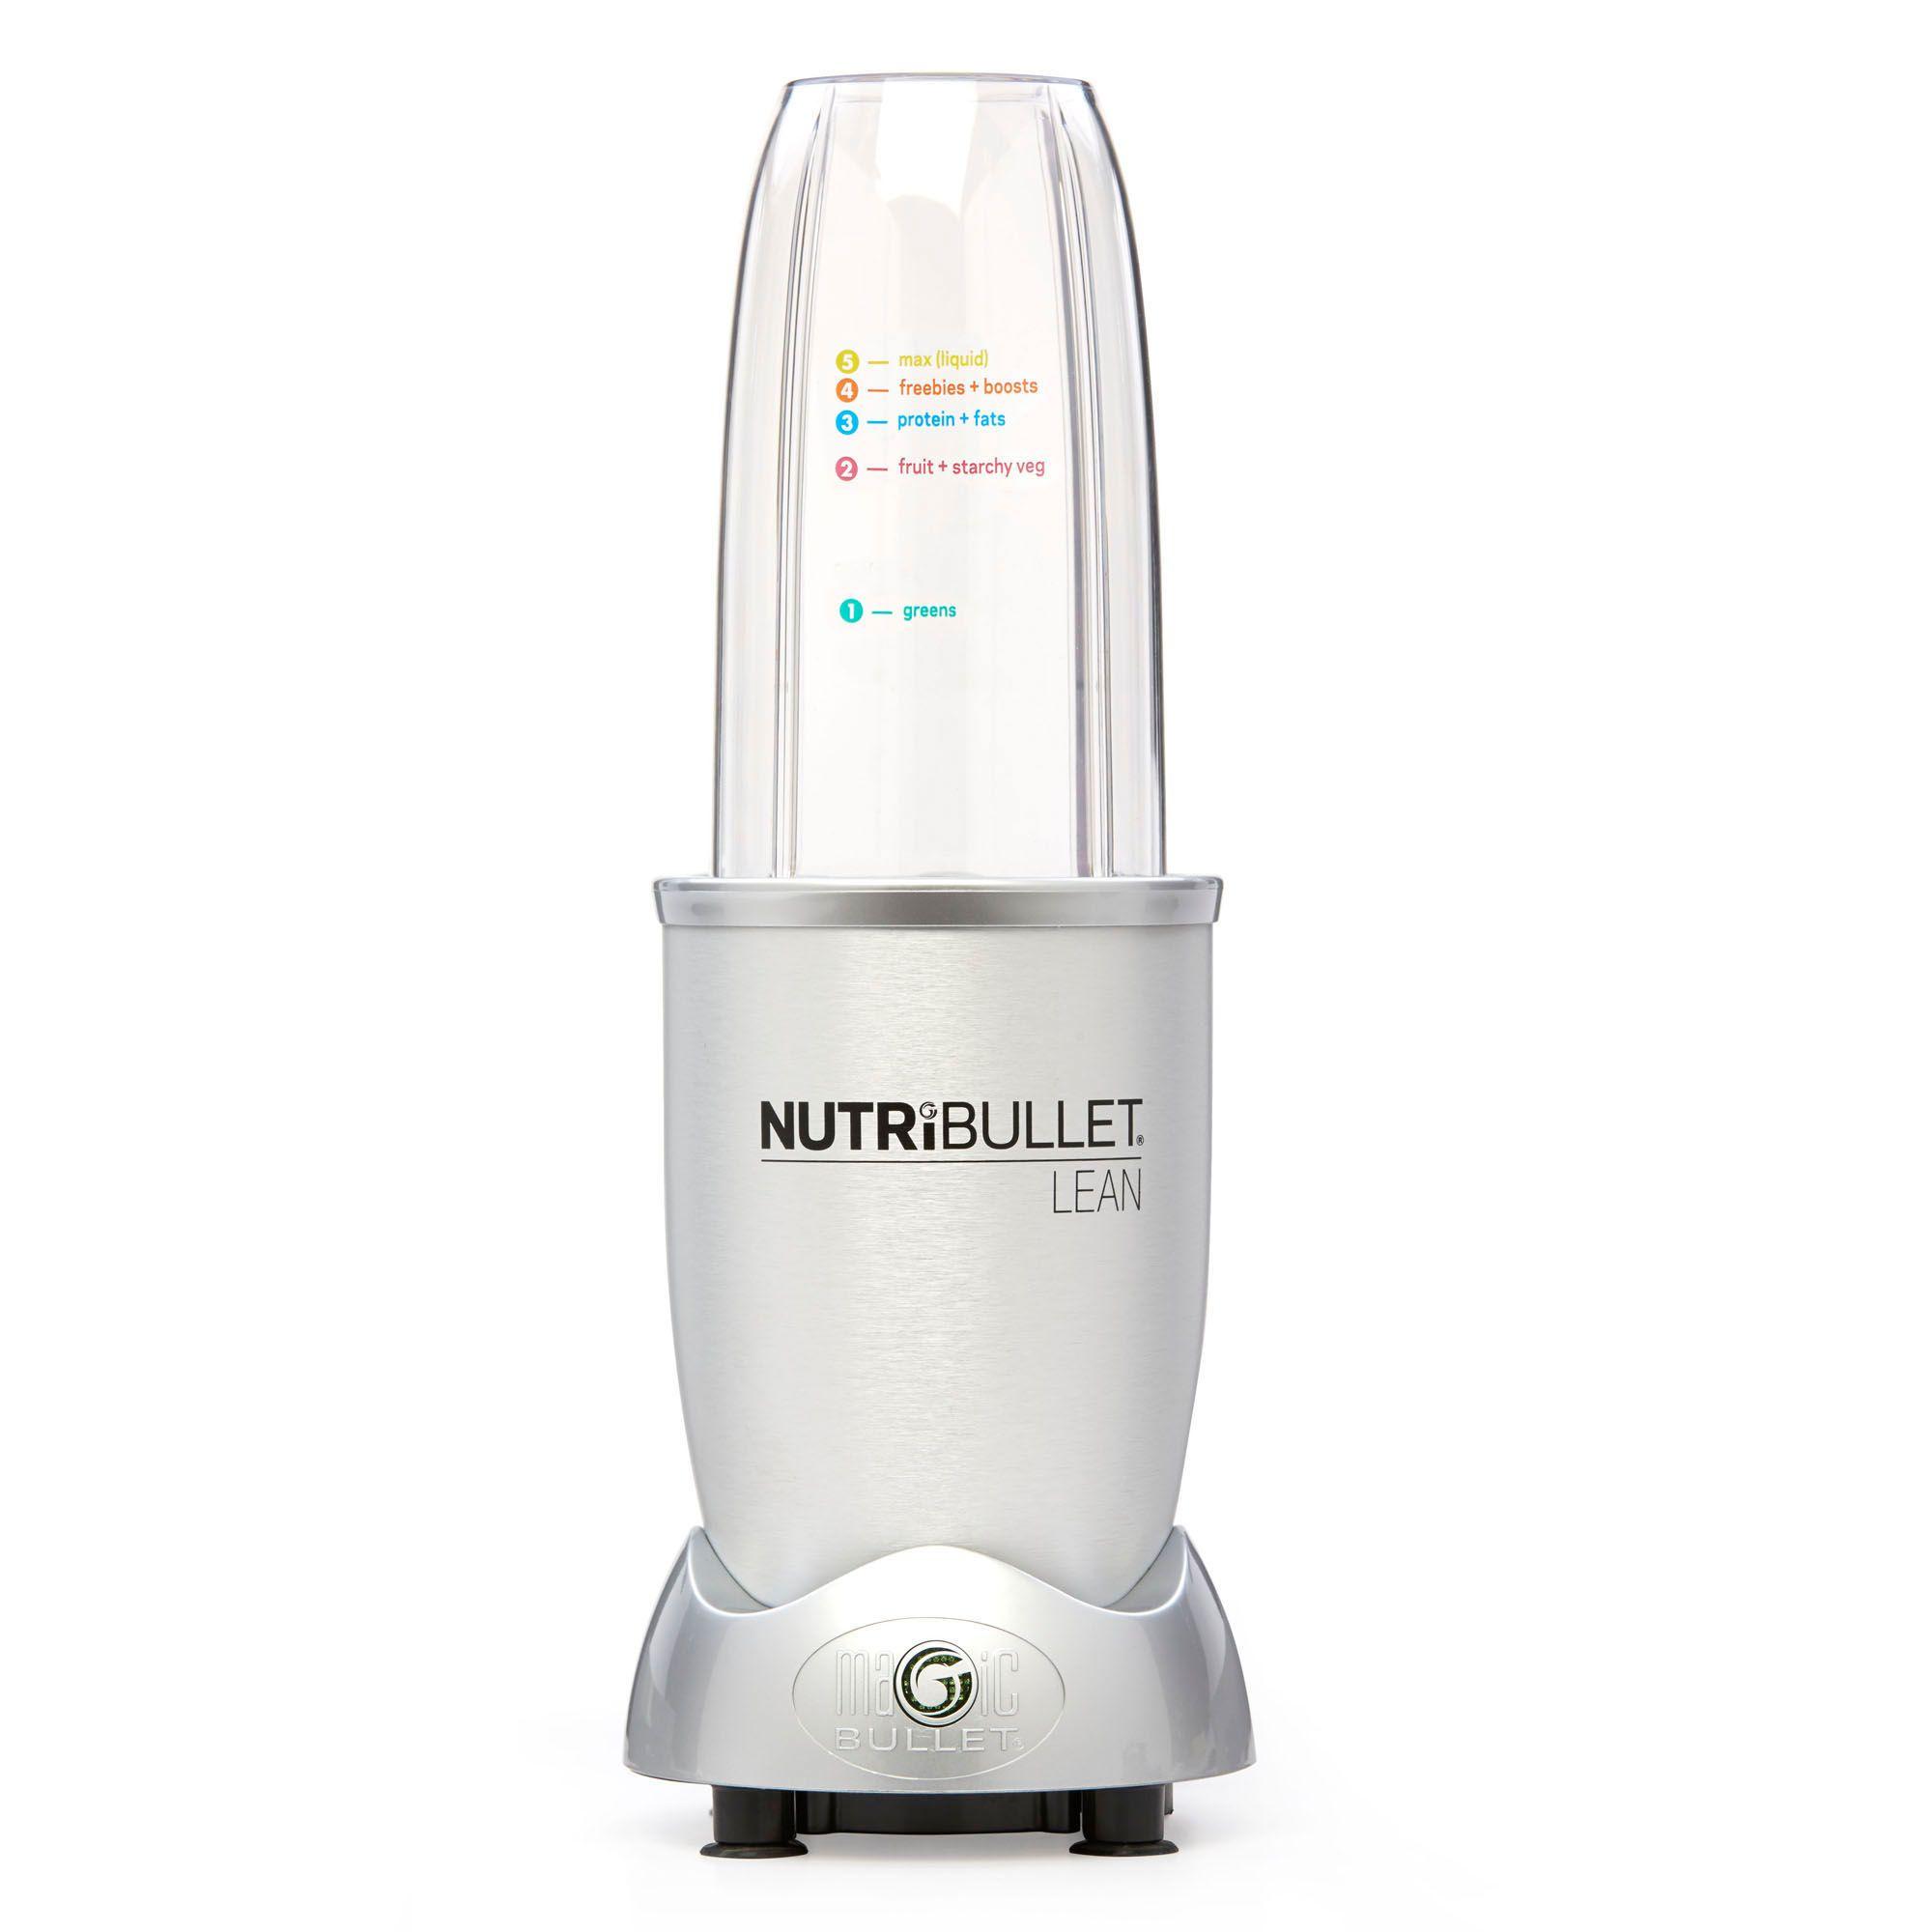 nutribullet lean 32 oz multi function blender in silver bed nutribullet lean trade 32 oz multi function blender in silver